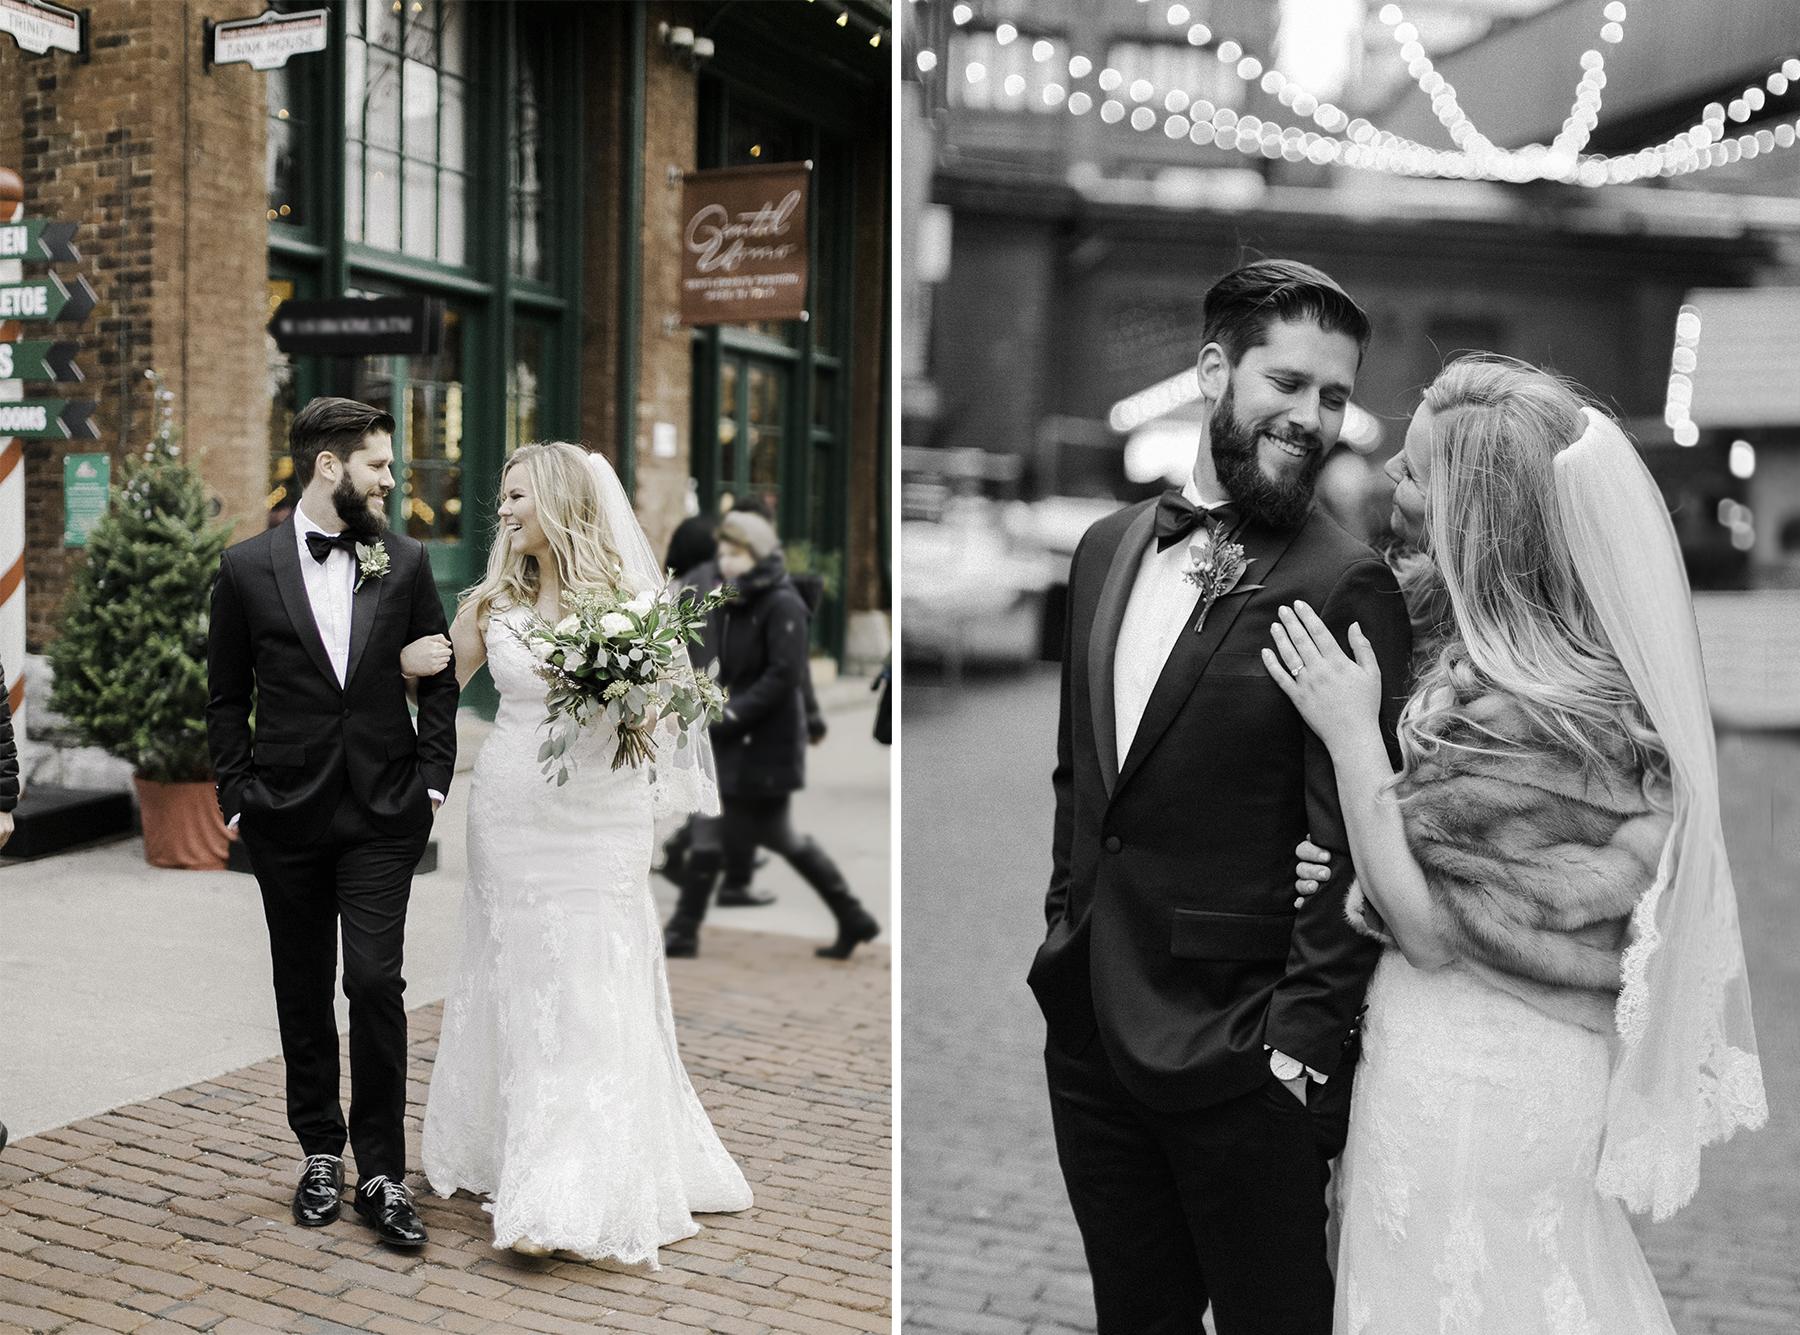 toronto-wedding-photographer-richelle-hunter-lauren-seb-16.jpg